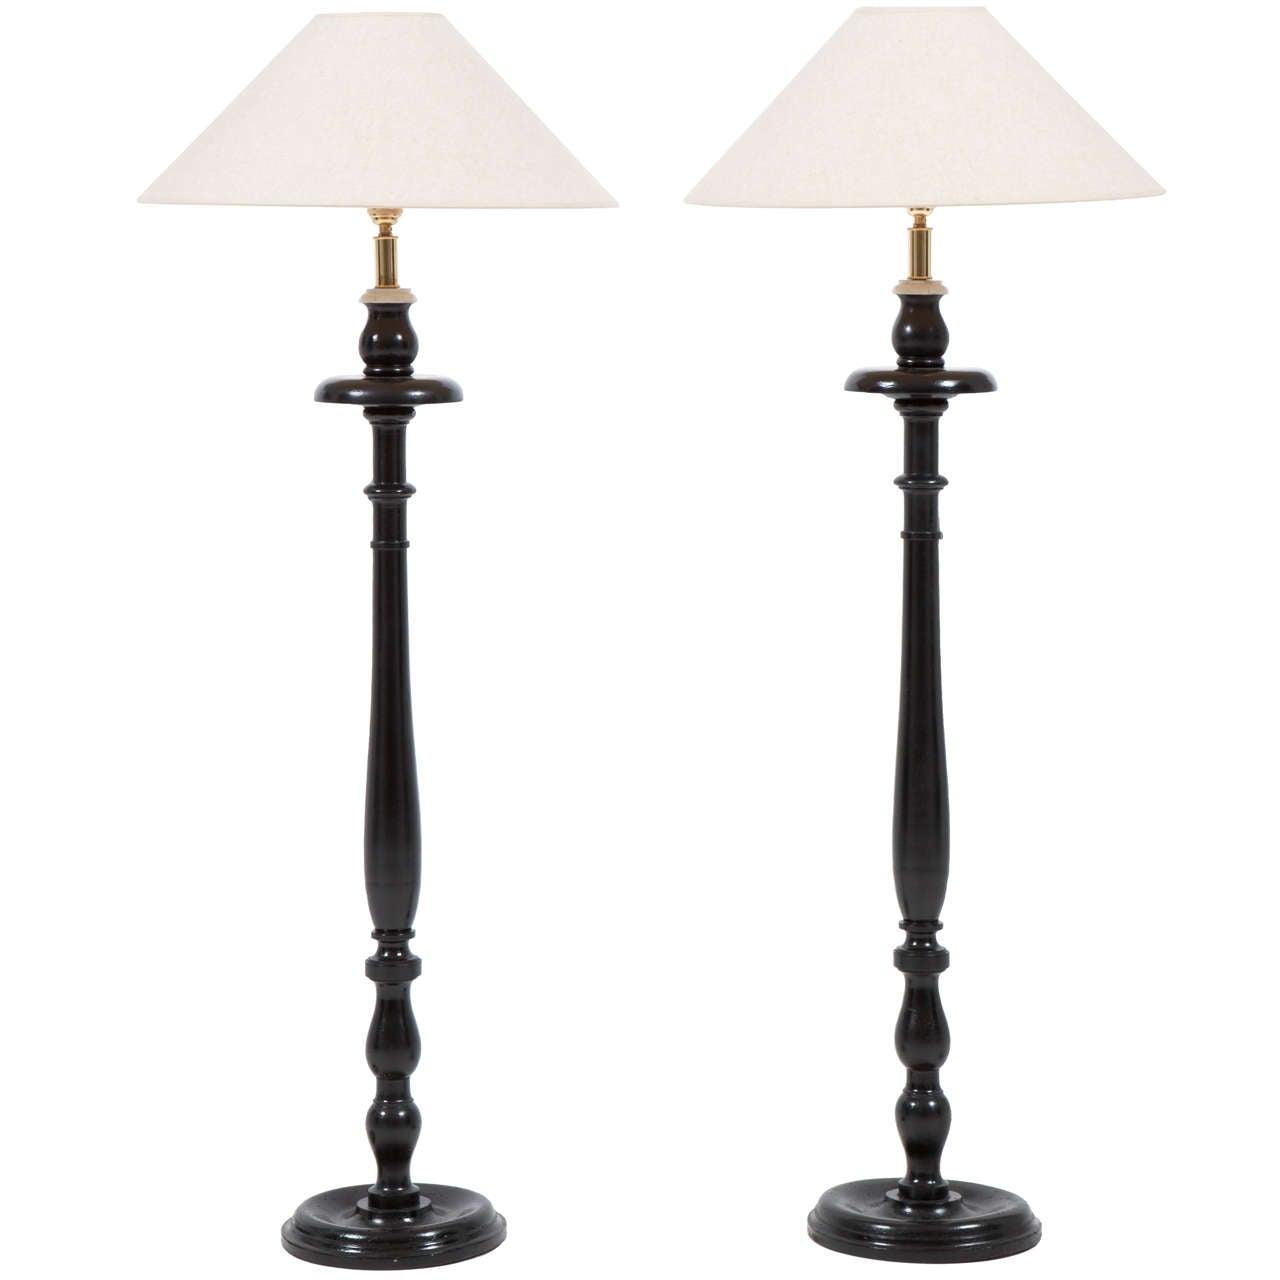 Pair of Painted Wood Floor Lamps